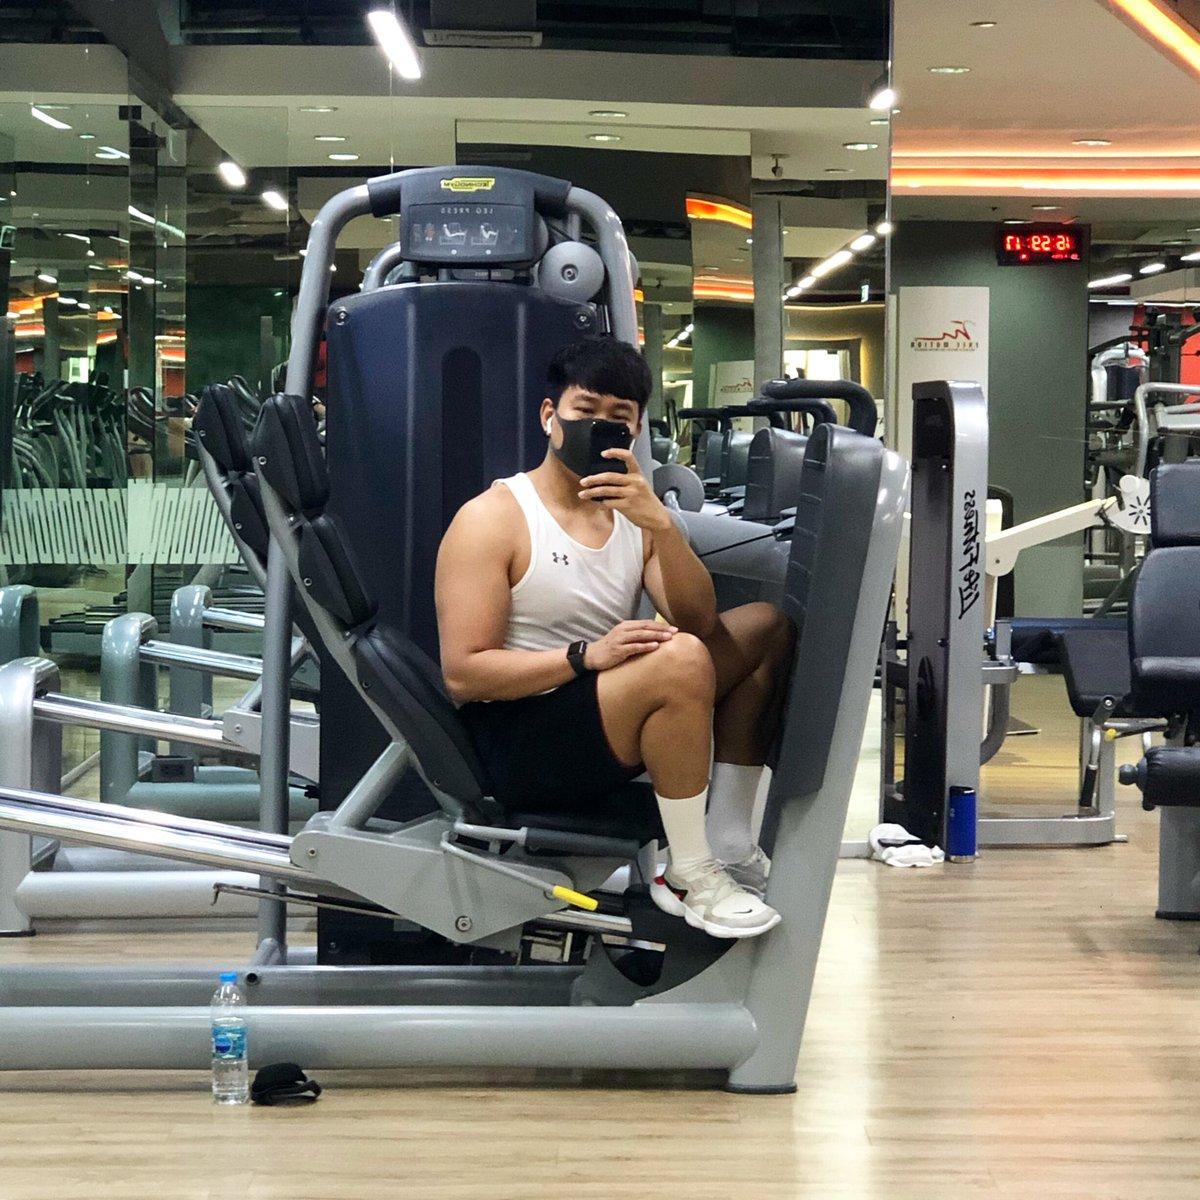 แวะมาตียิม แต่ก็อยากโดนทิ่มแรงๆ 🤨 #Fitness #Gym #muscle